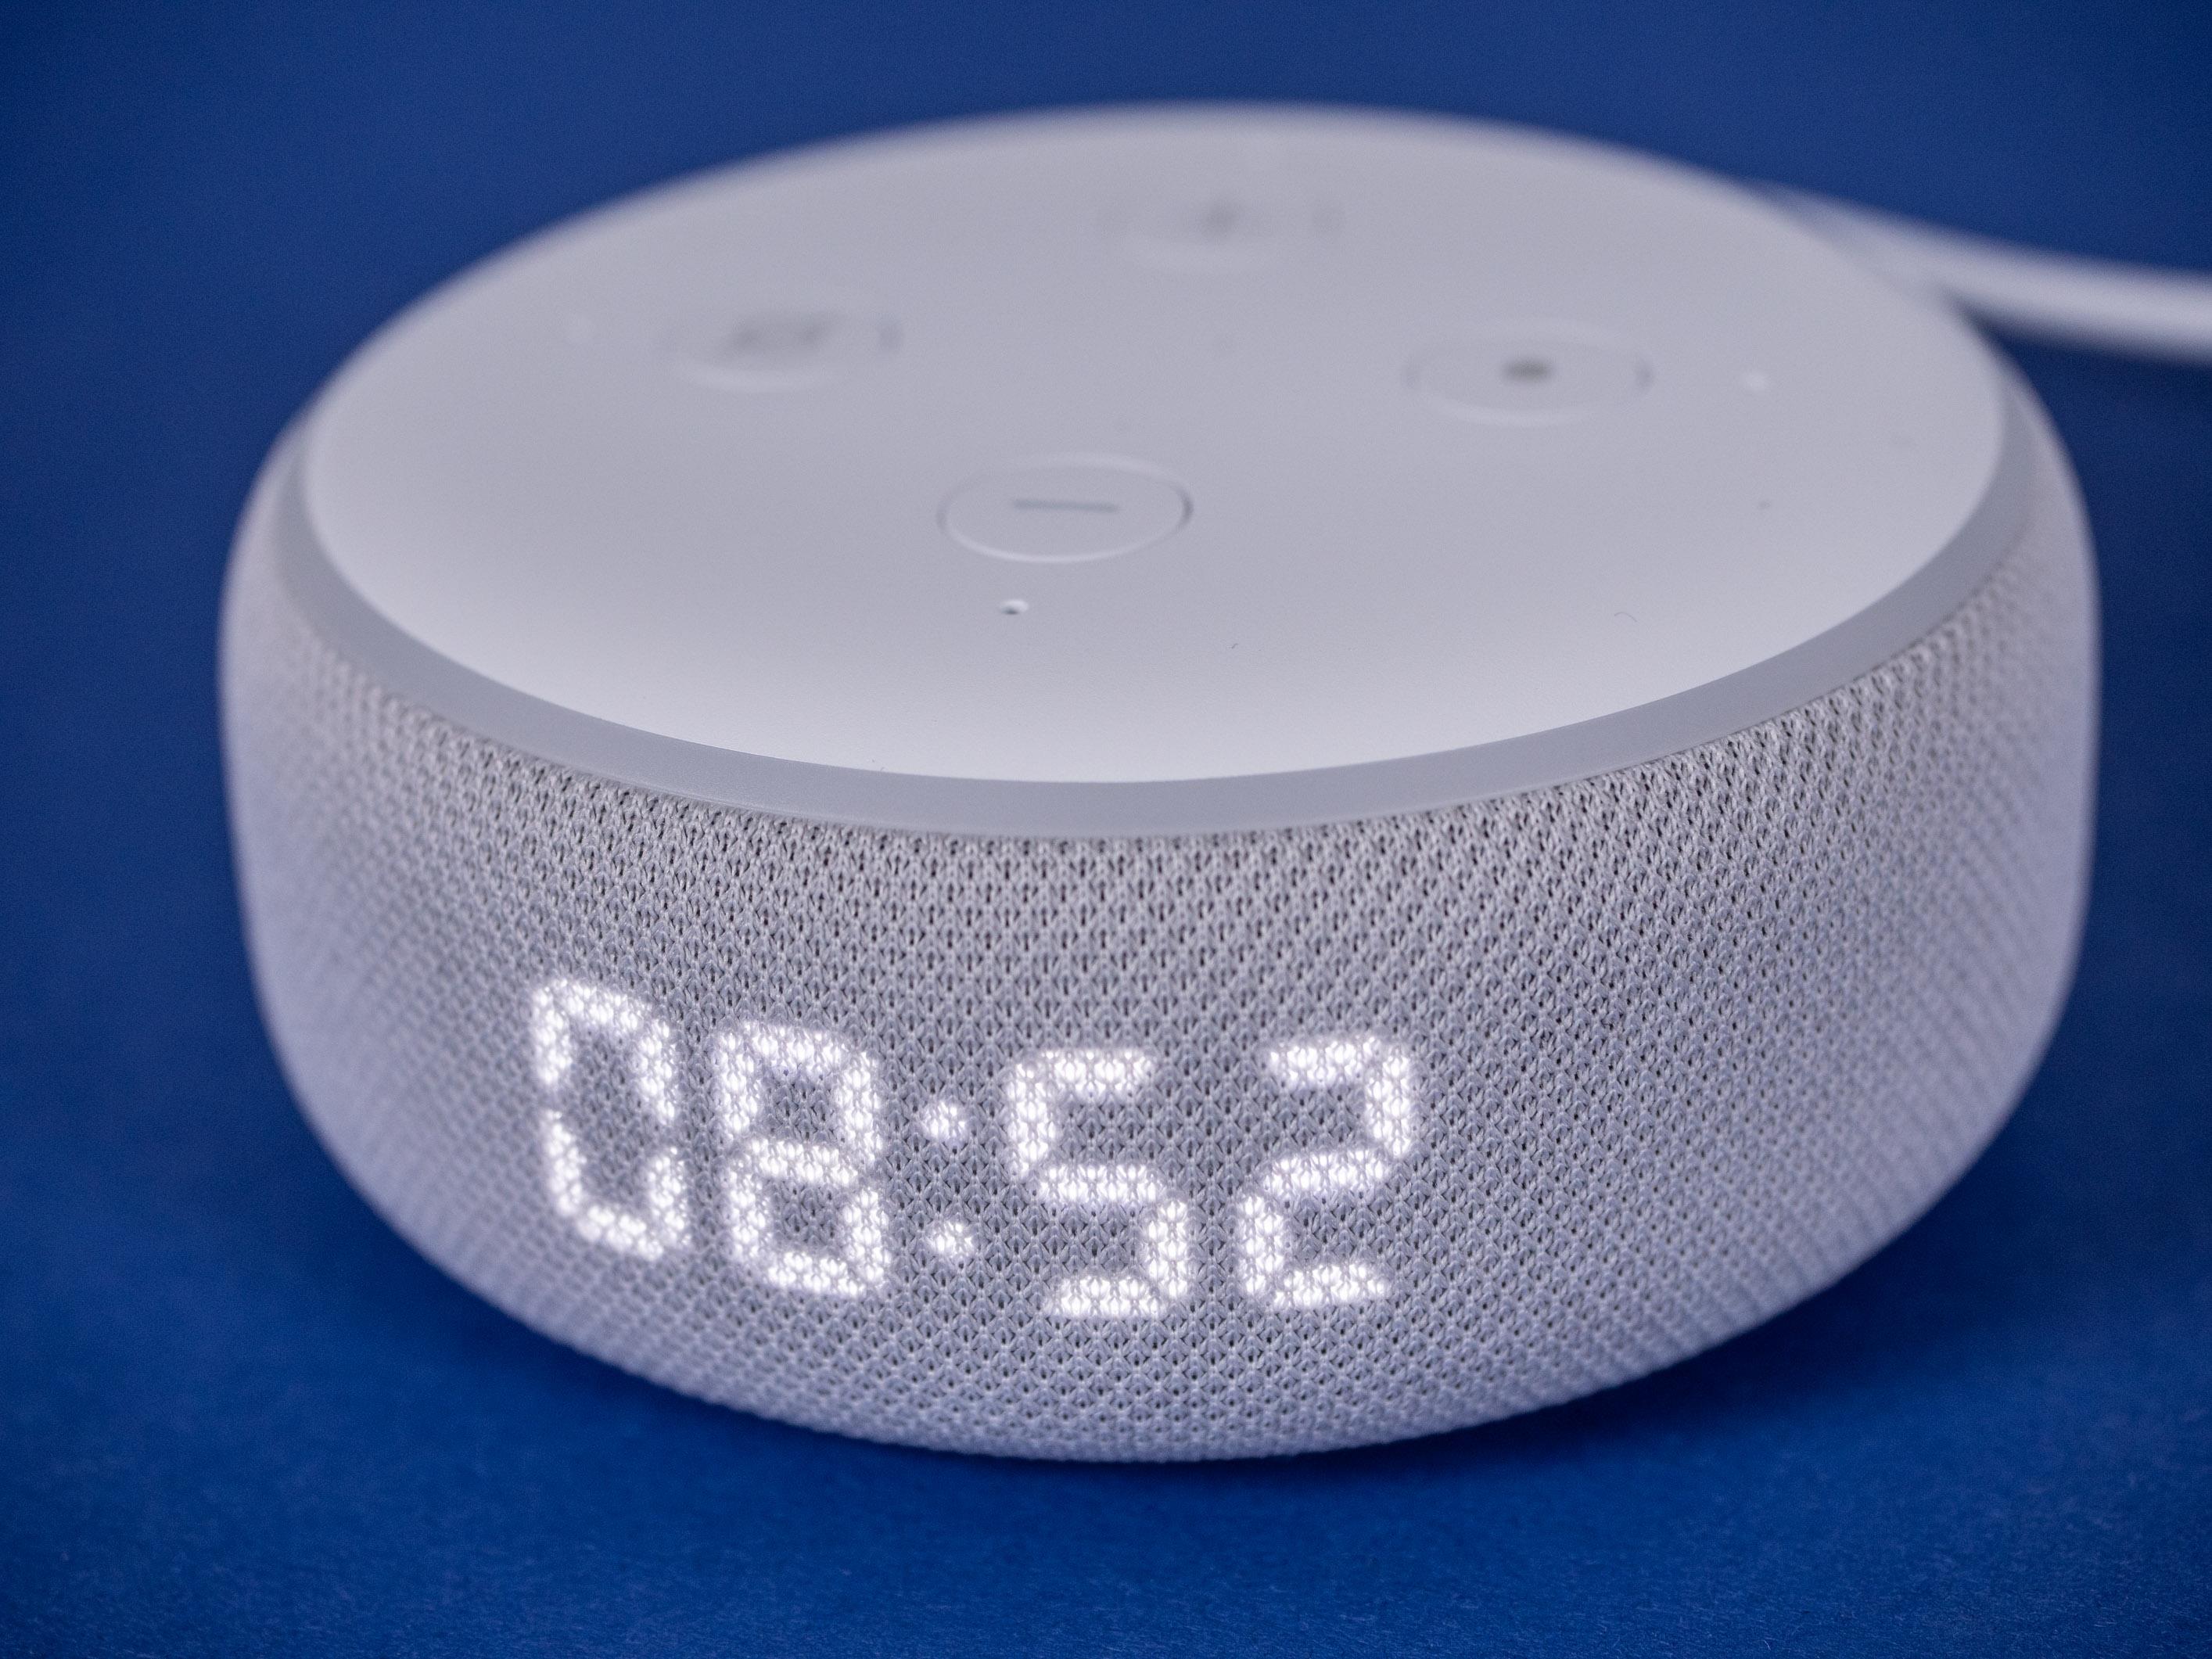 Echo Dot mit Uhr und Nest Mini im Test: Amazon hängt Google ab - Echo Dot mit Uhr und aktiviertem Display (Bild: Martin Wolf/Golem.de)